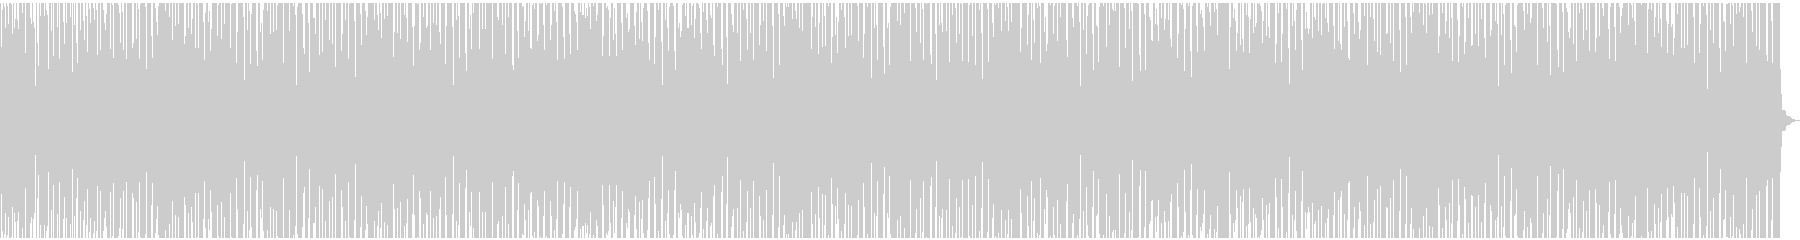 オシャレなエレクトロスウィングの未再生の波形